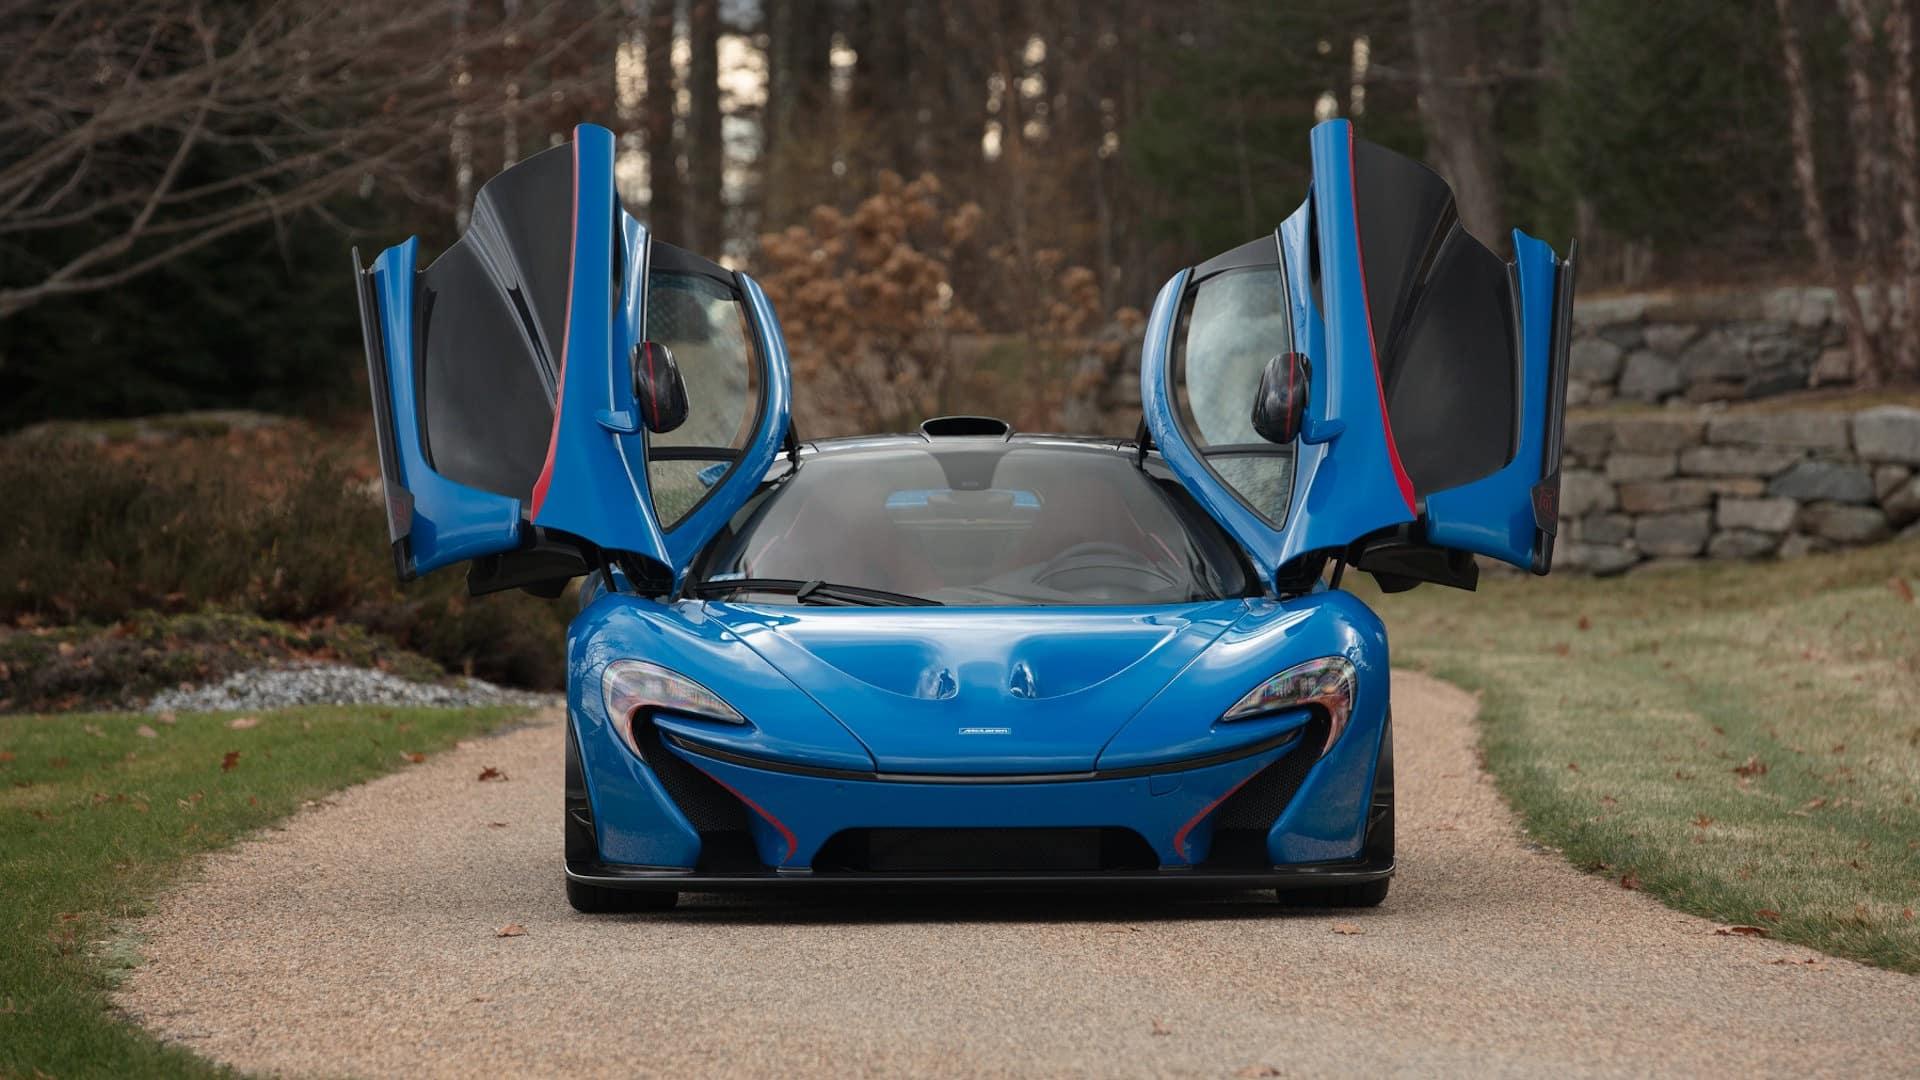 Así son los 11 coches más caros subastados en Amelia Island, desde el McLaren P1 al Porsche 911 GT1